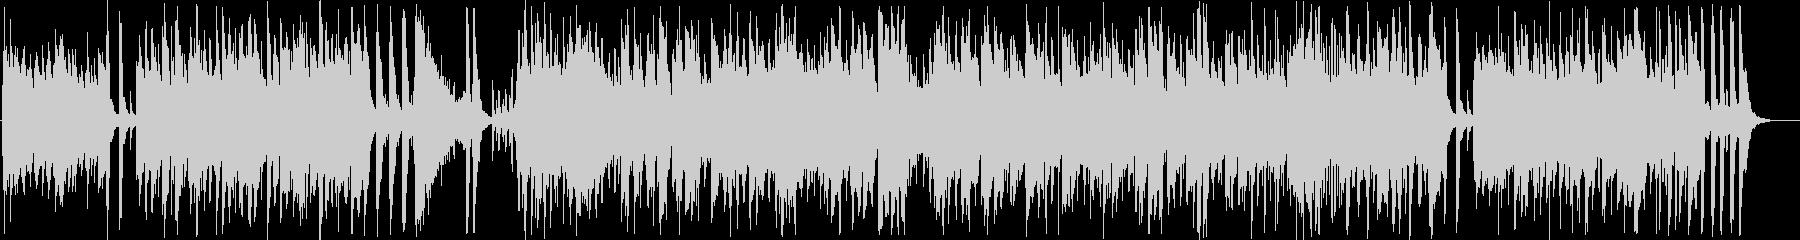 コミカルなインフォメーションミュージックの未再生の波形